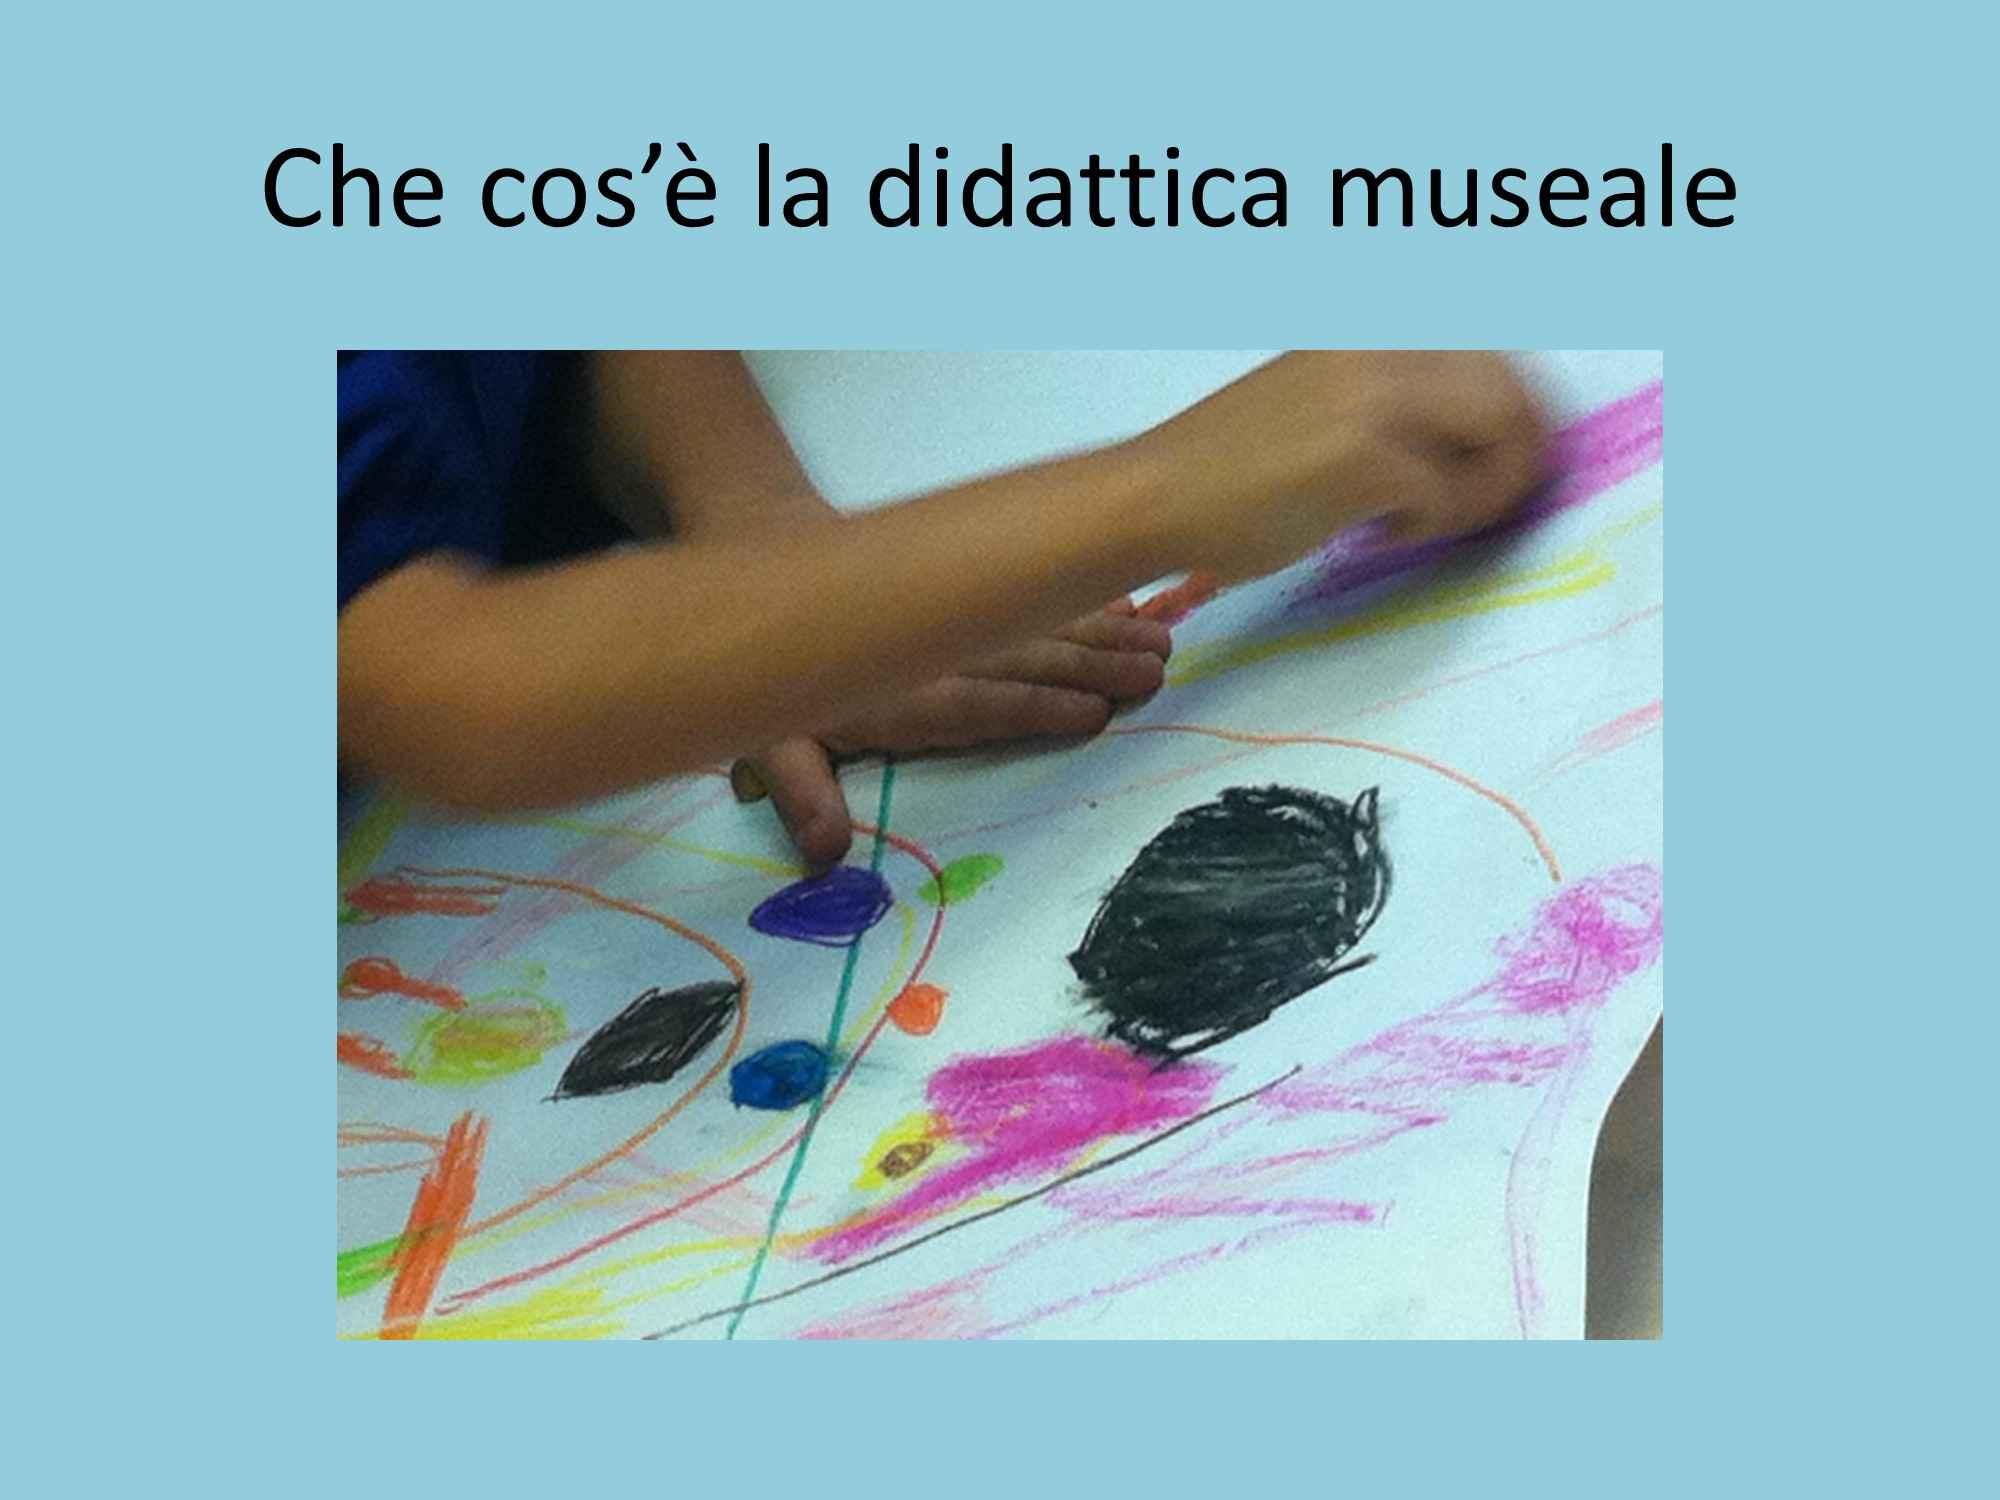 Didattica museale, Dispensa di Storia dell'arte